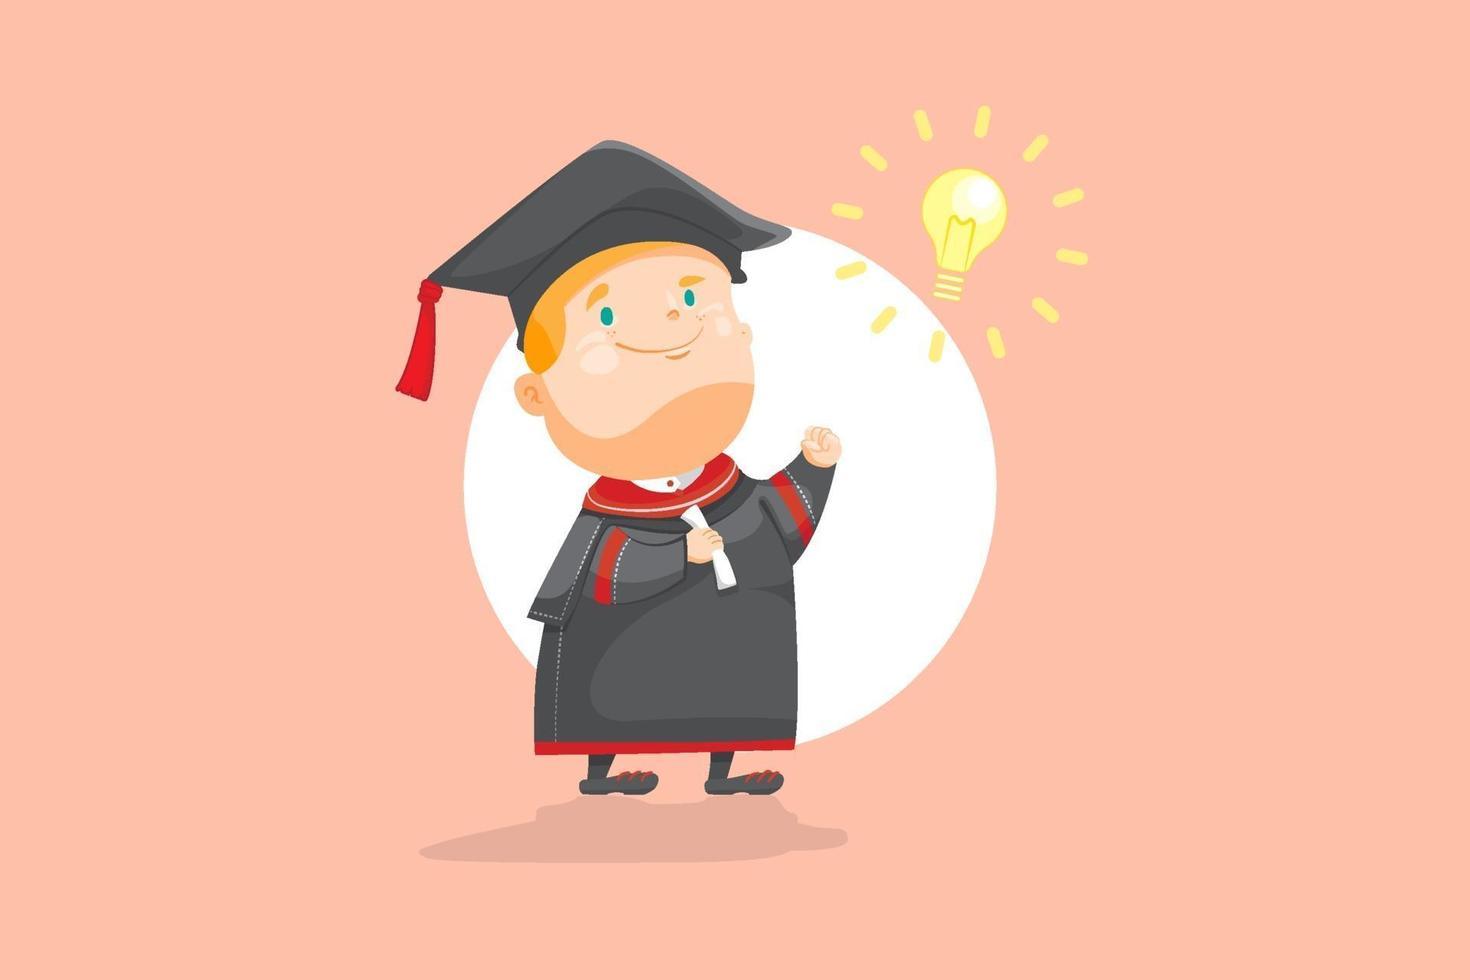 den intelligenta pojken tog examen pojken i akademisk klädsel eller subfusc med ljusa tecken glödlampa, smart kid framgång i prestation på äggfärg bakgrund platt vektorillustration. vektor